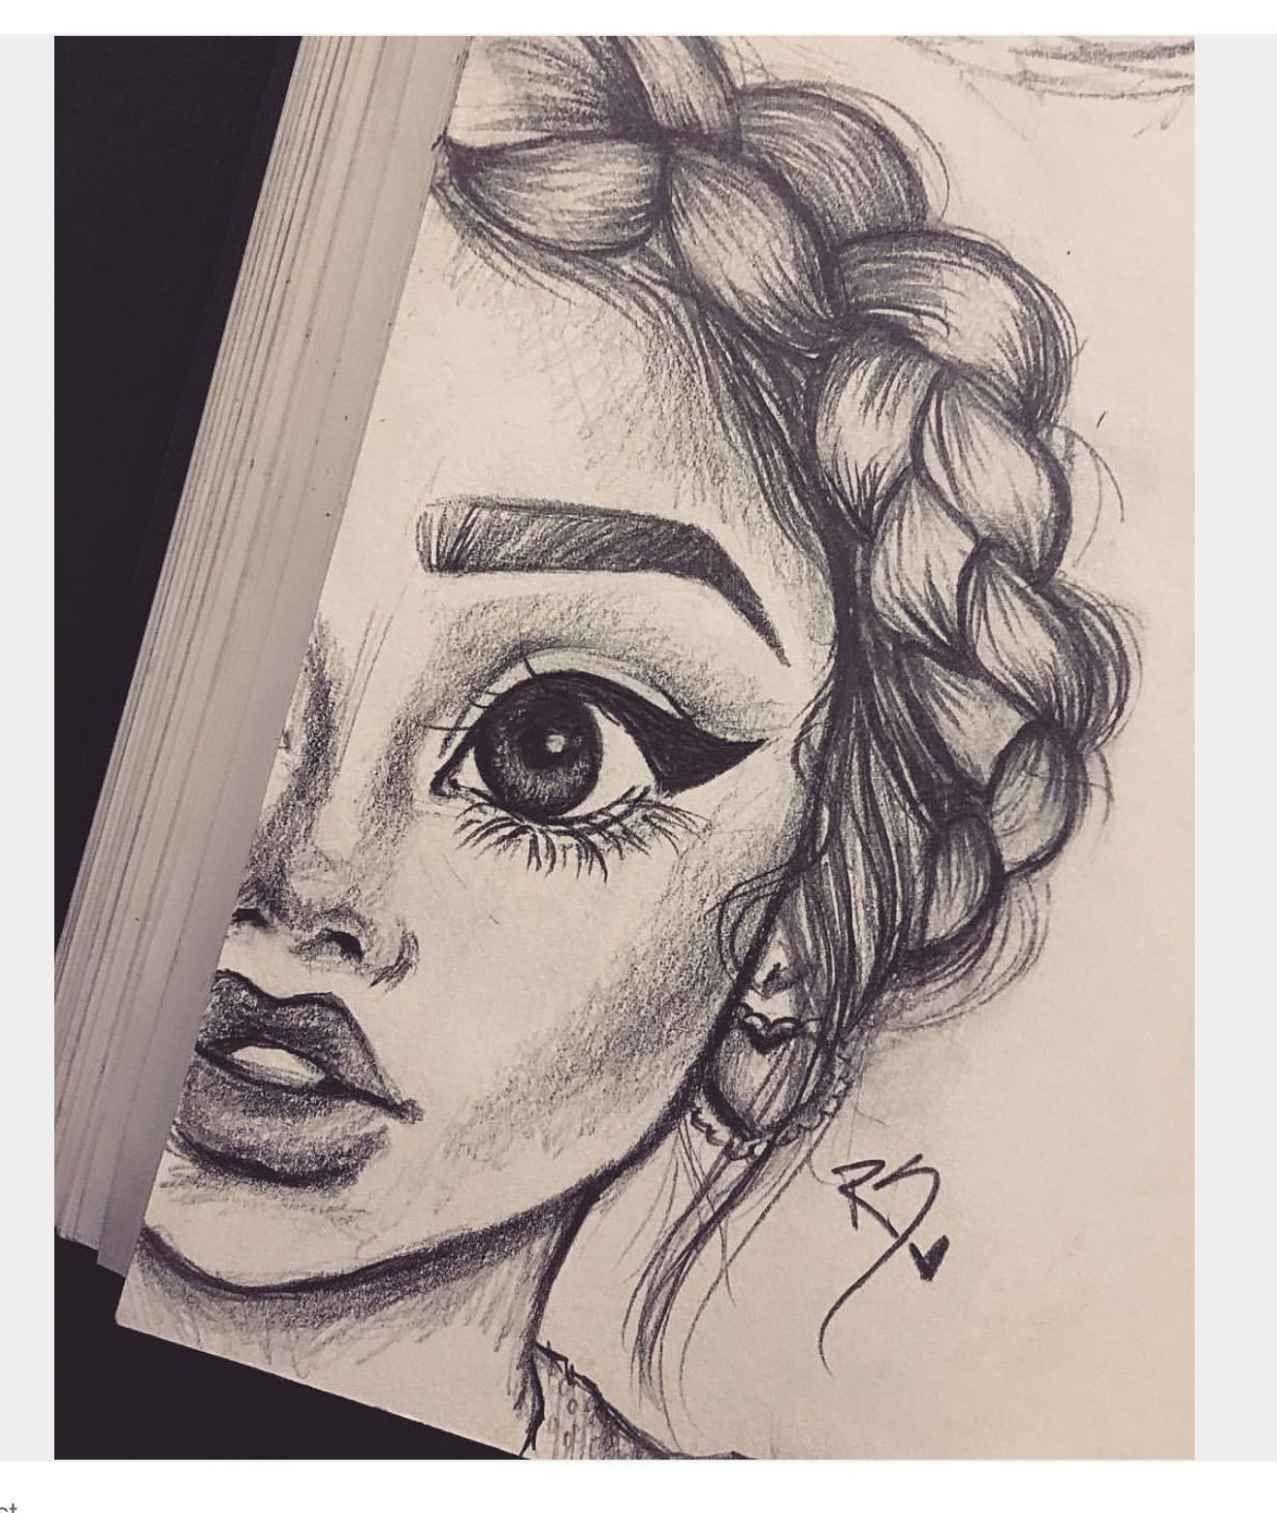 Zeichnen Ideen Leicht Bilder Designfan In Schone Bilder Zum Nachzeichnen Zeichnungen Bilder Zeichnen Madchenzeichnungen